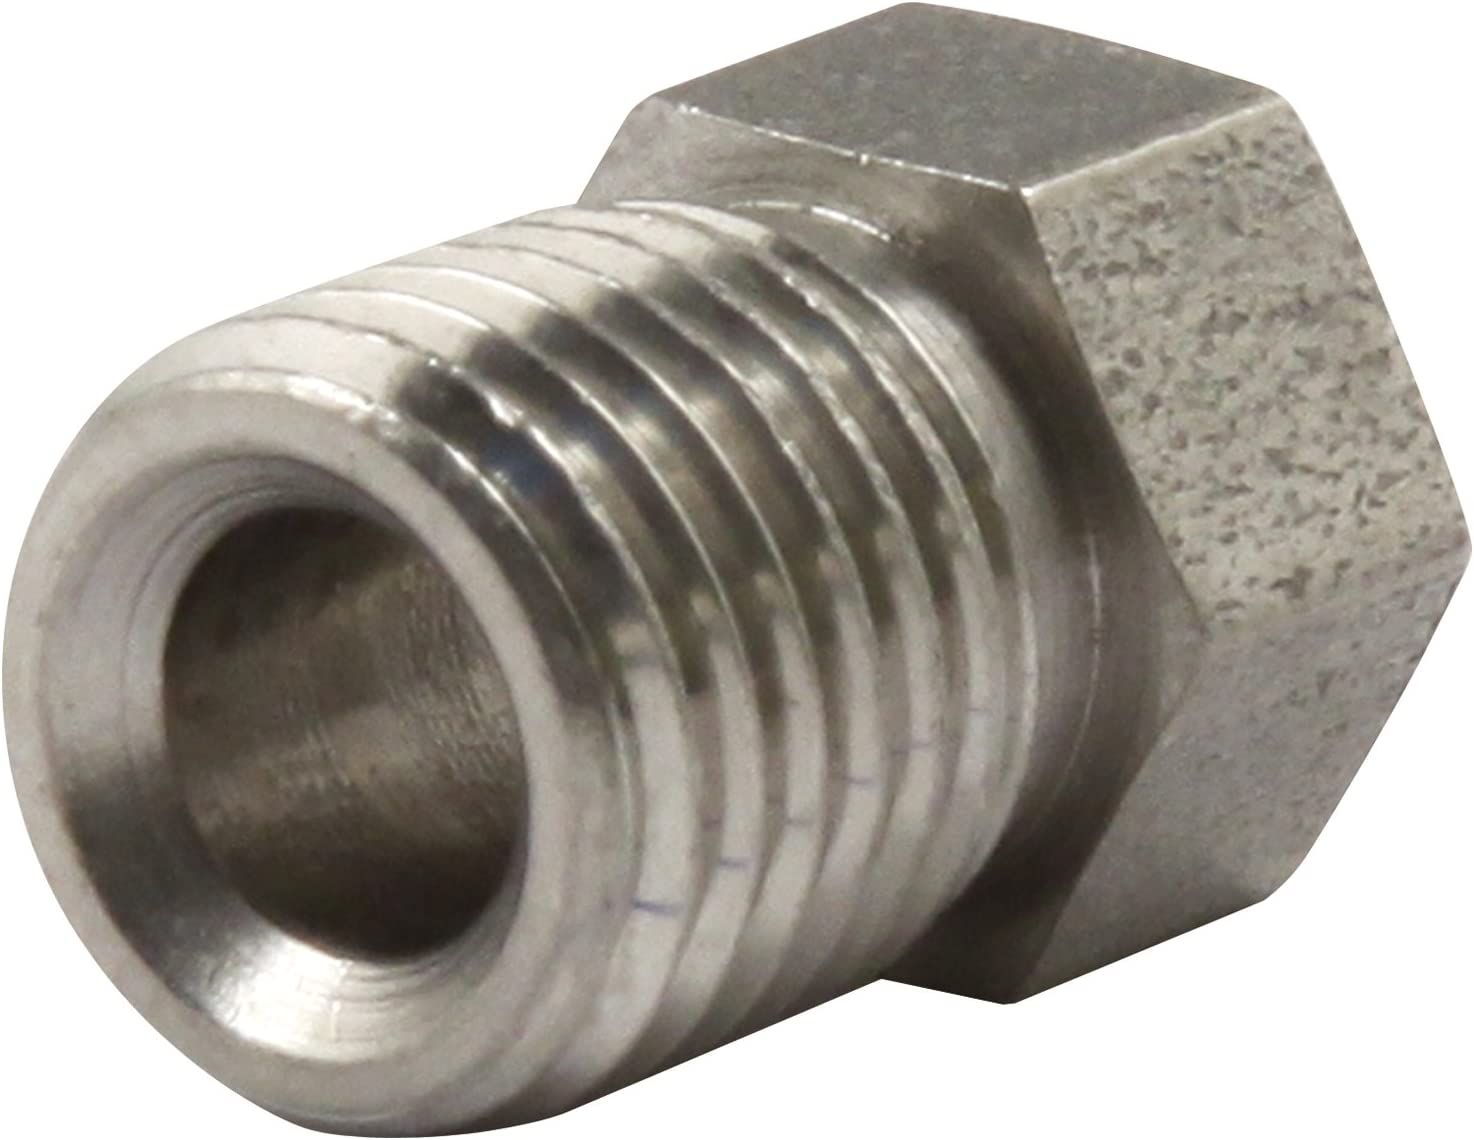 Pack of 10 Allstar Performance Allstar ALL50111 3//8-24 Stainless Inverted Flare Nut for 3//16 Brake Line,